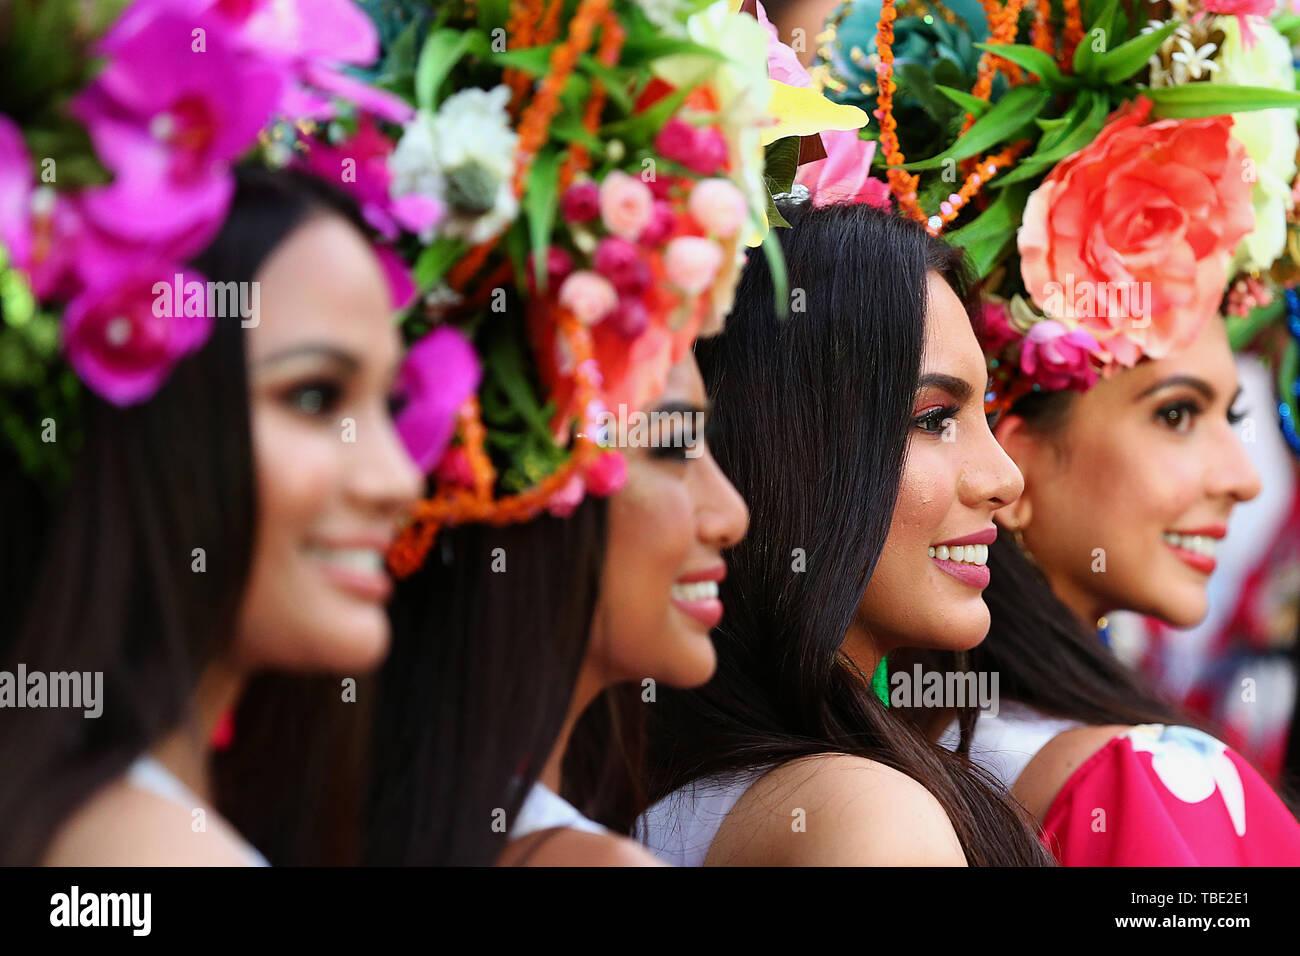 """Pechino, Filippine. 25 Maggio, 2018. I concorrenti per la Binibining Pilipinas (Miss Filippine) 2019 frequentare l'annuale """"Grand Parade di bellezze' in Quezon City, Filippine, 25 maggio 2018. Credito: Rouelle Umali/Xinhua/Alamy Live News Immagini Stock"""